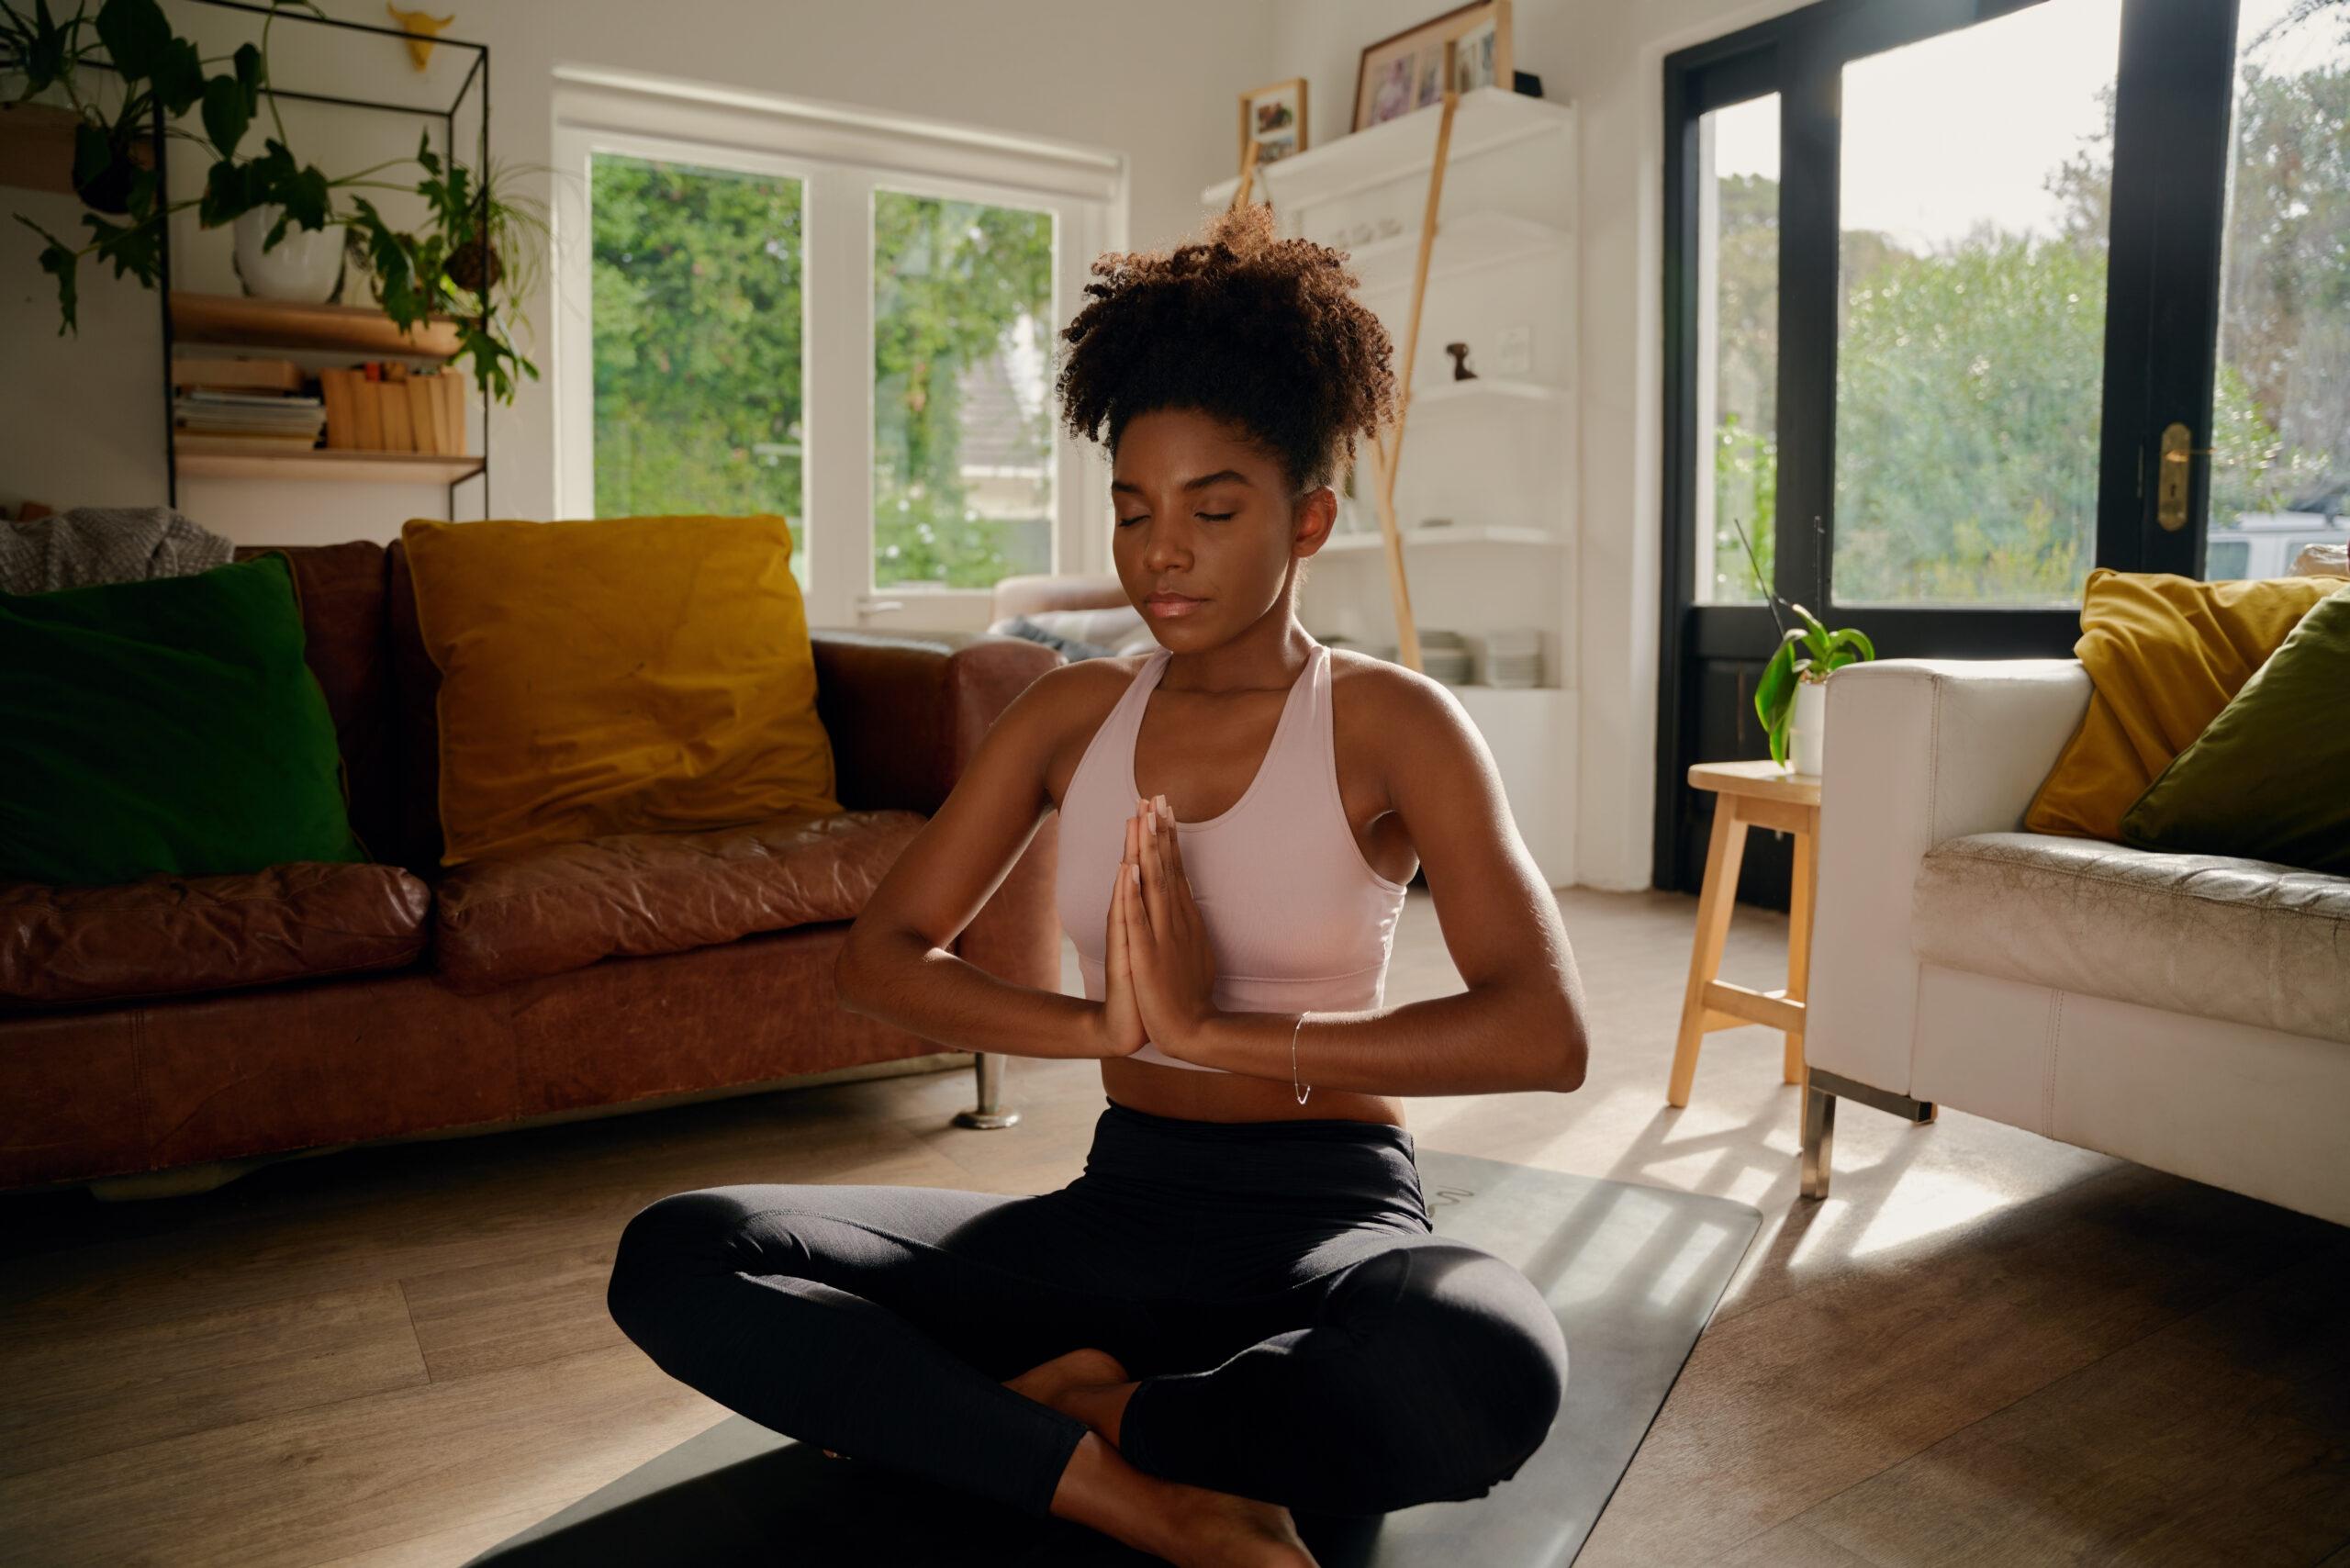 4 Breathing Exercises For Improving Wellness